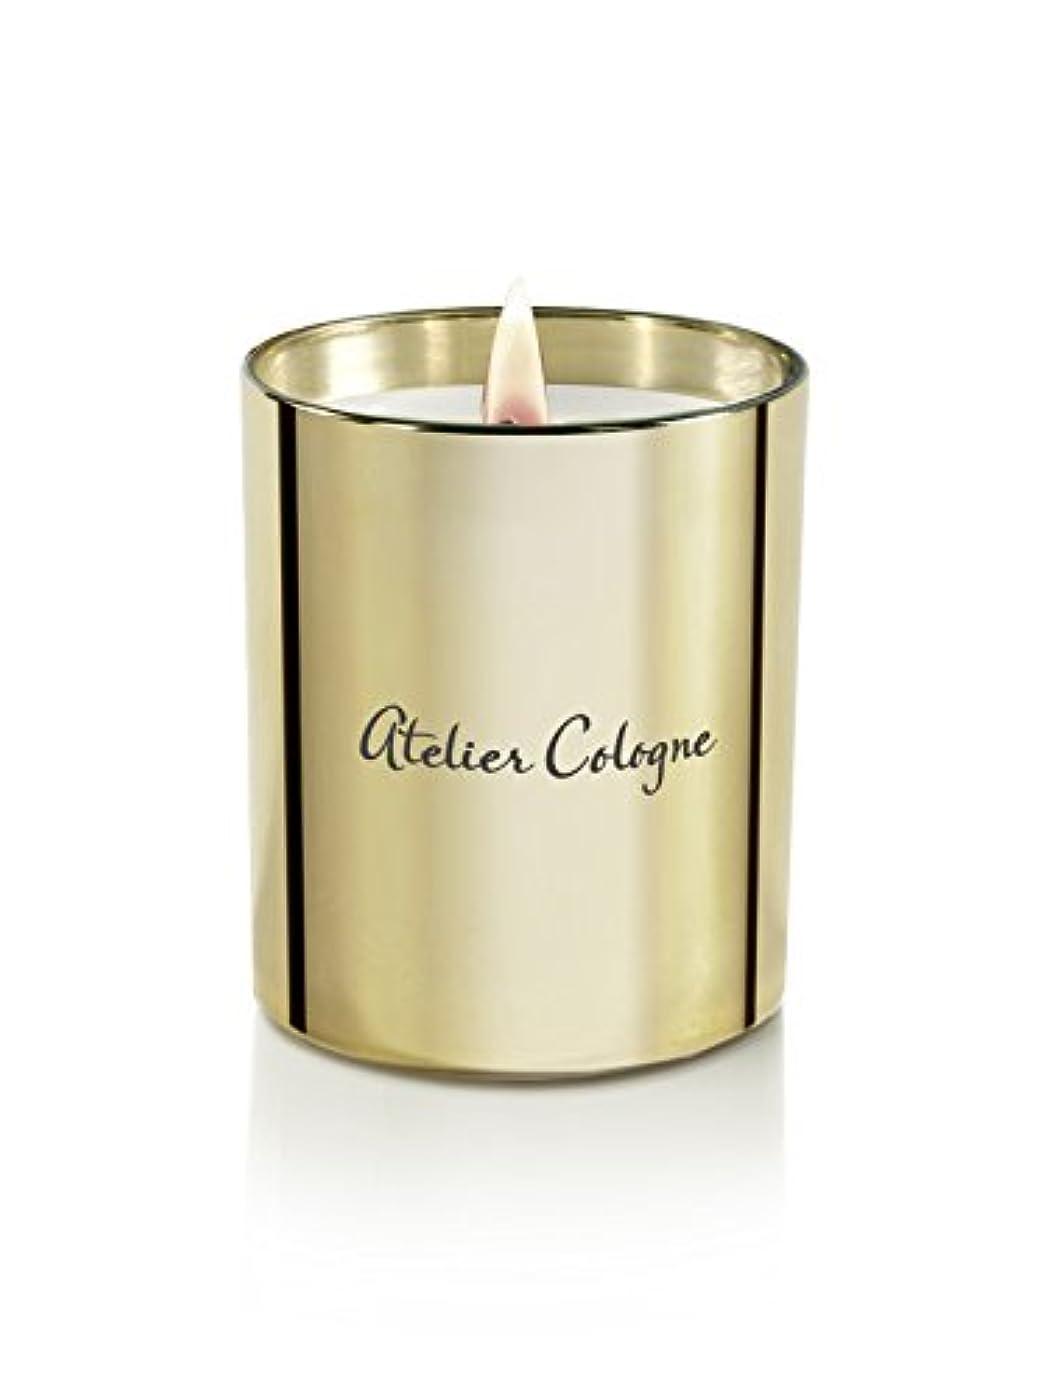 ドル払い戻しパキスタン人アトリエコロン Bougie Candle - Gold Leather 190g/6.7oz並行輸入品